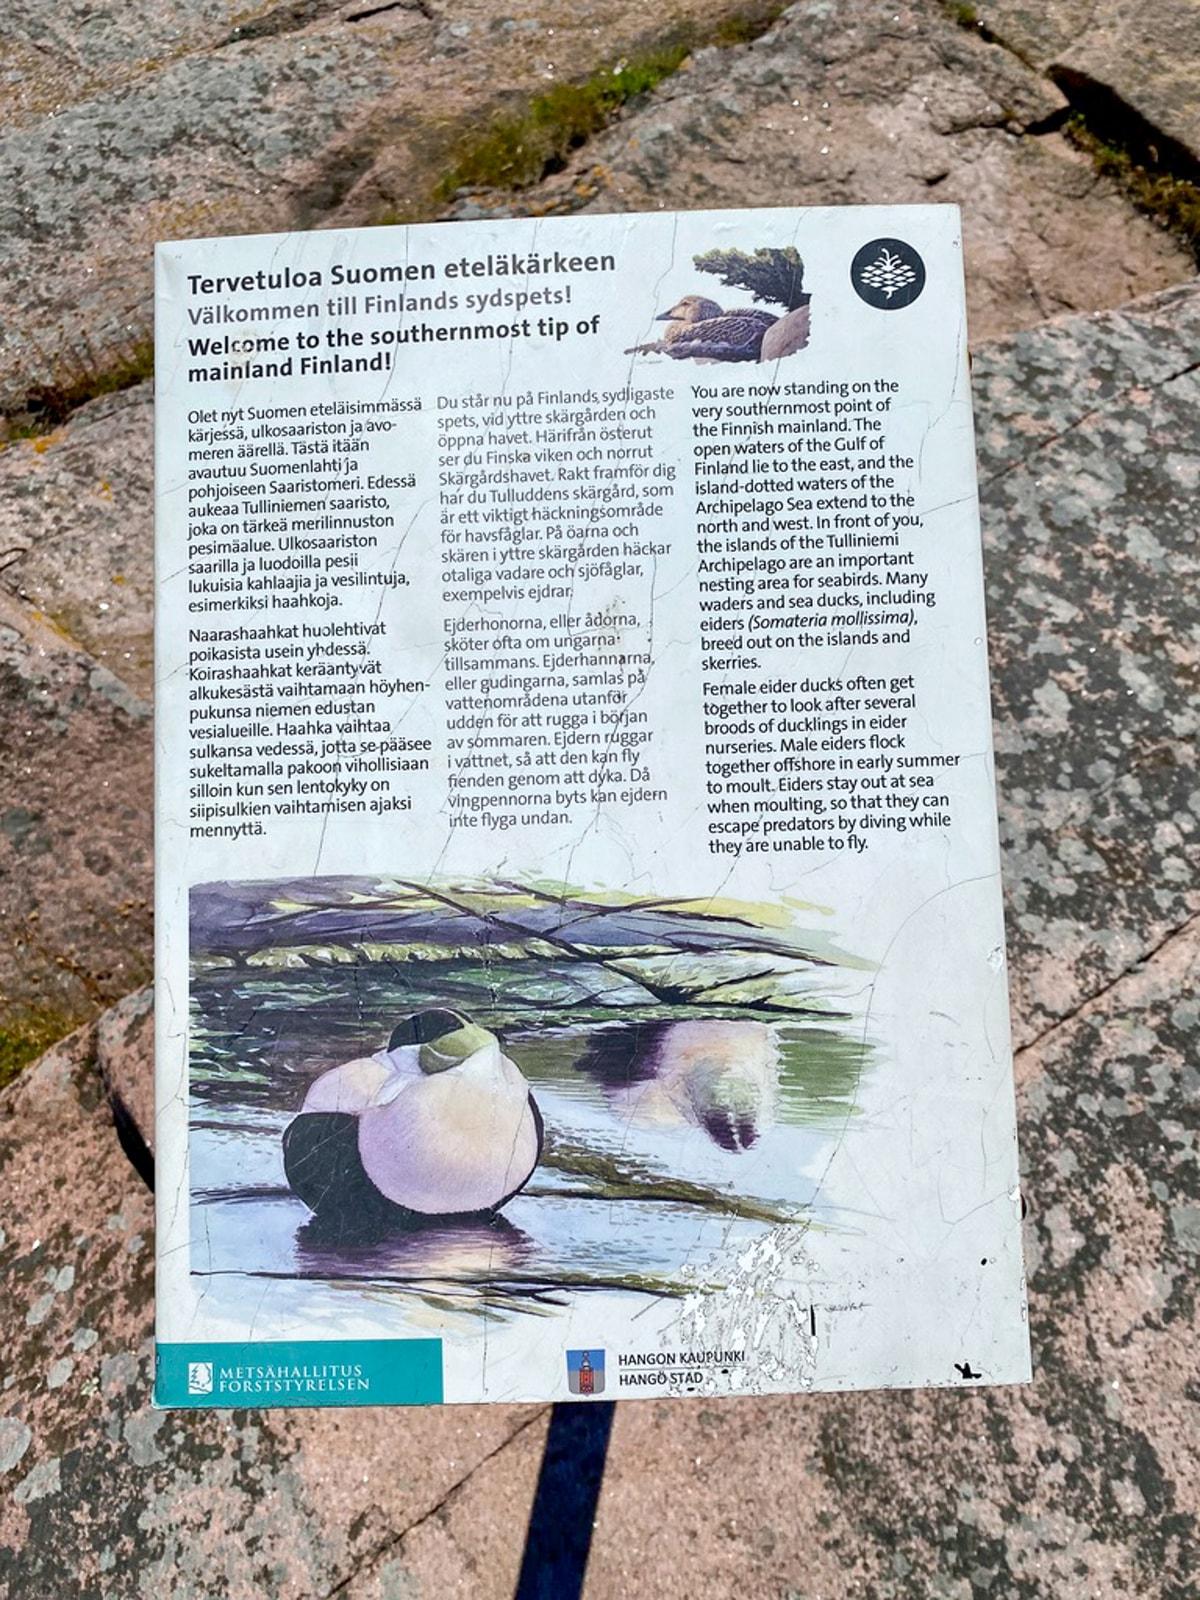 Tulliniemi / Uddskatan / Suomen eteläkärki